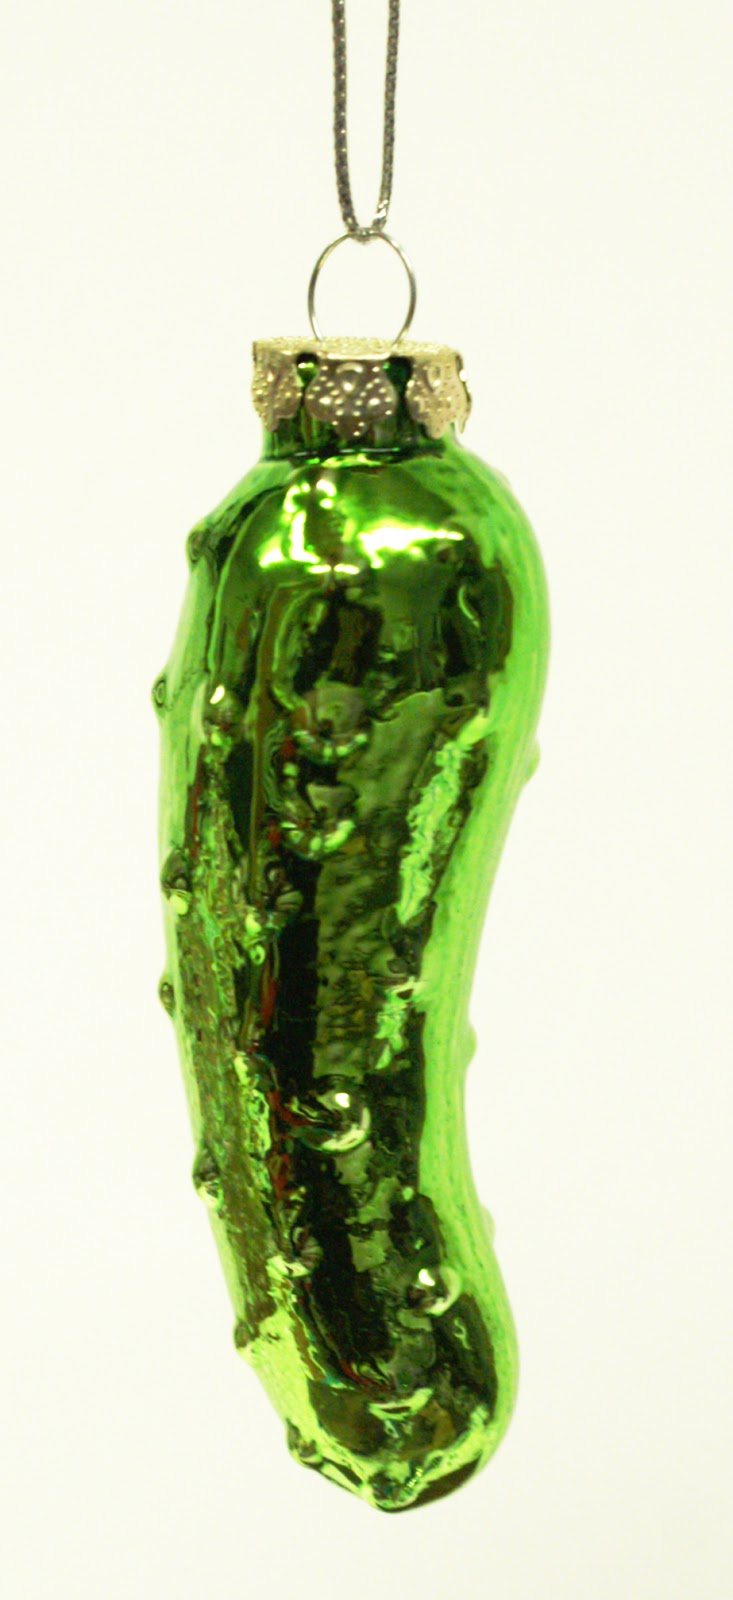 Ben Franklin Crafts and Frame Shop: The German Pickle ...